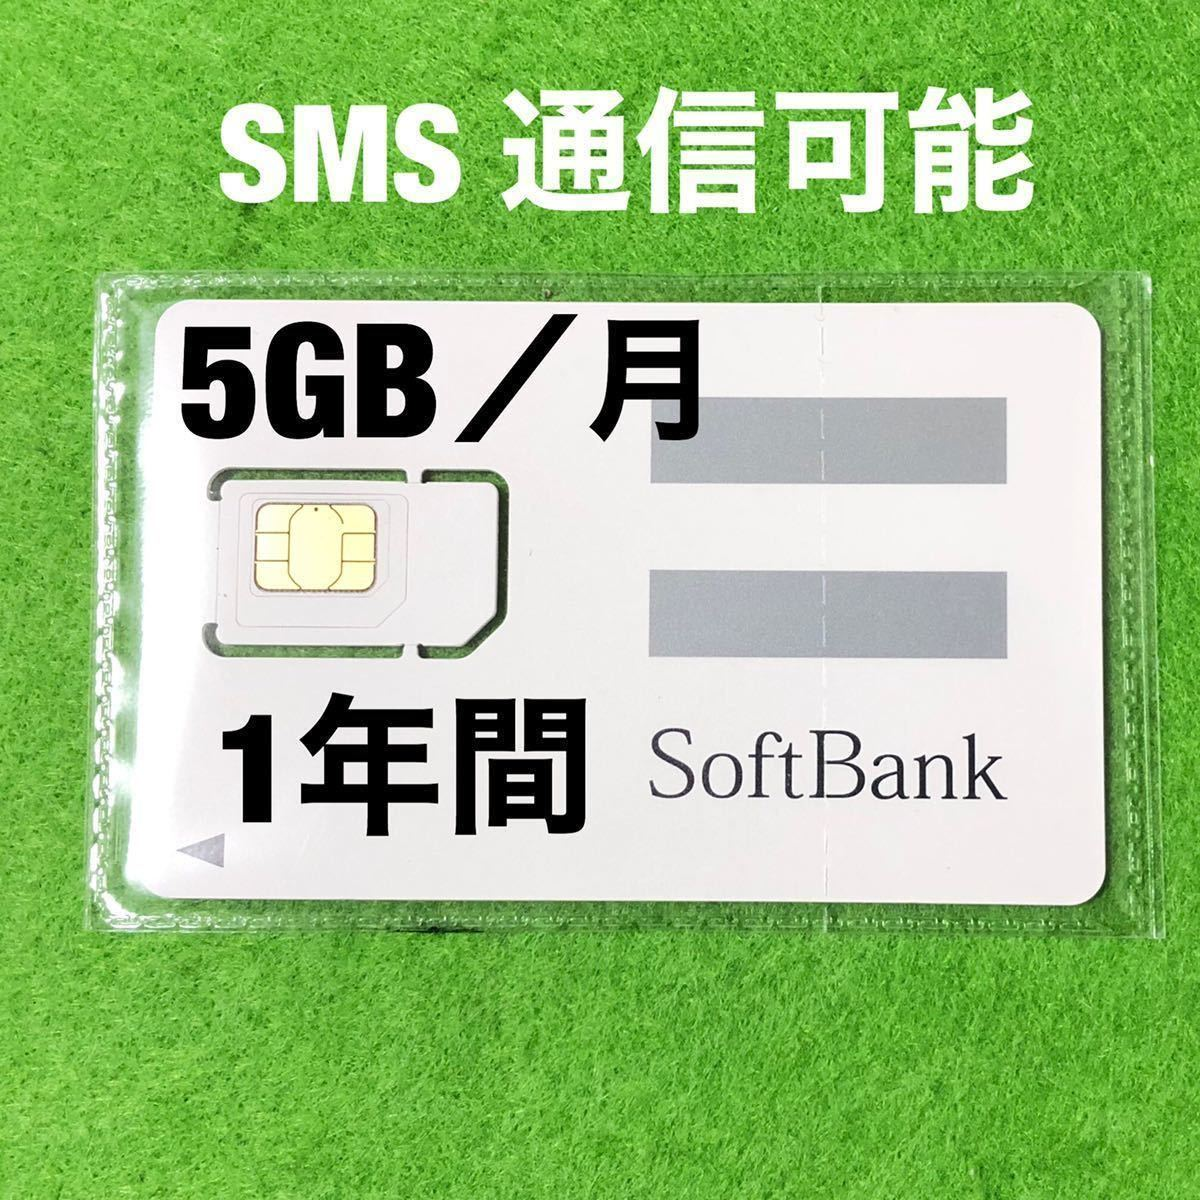 SoftBank 5GB プリペイド データ カード SIM 通信 高速721_画像1